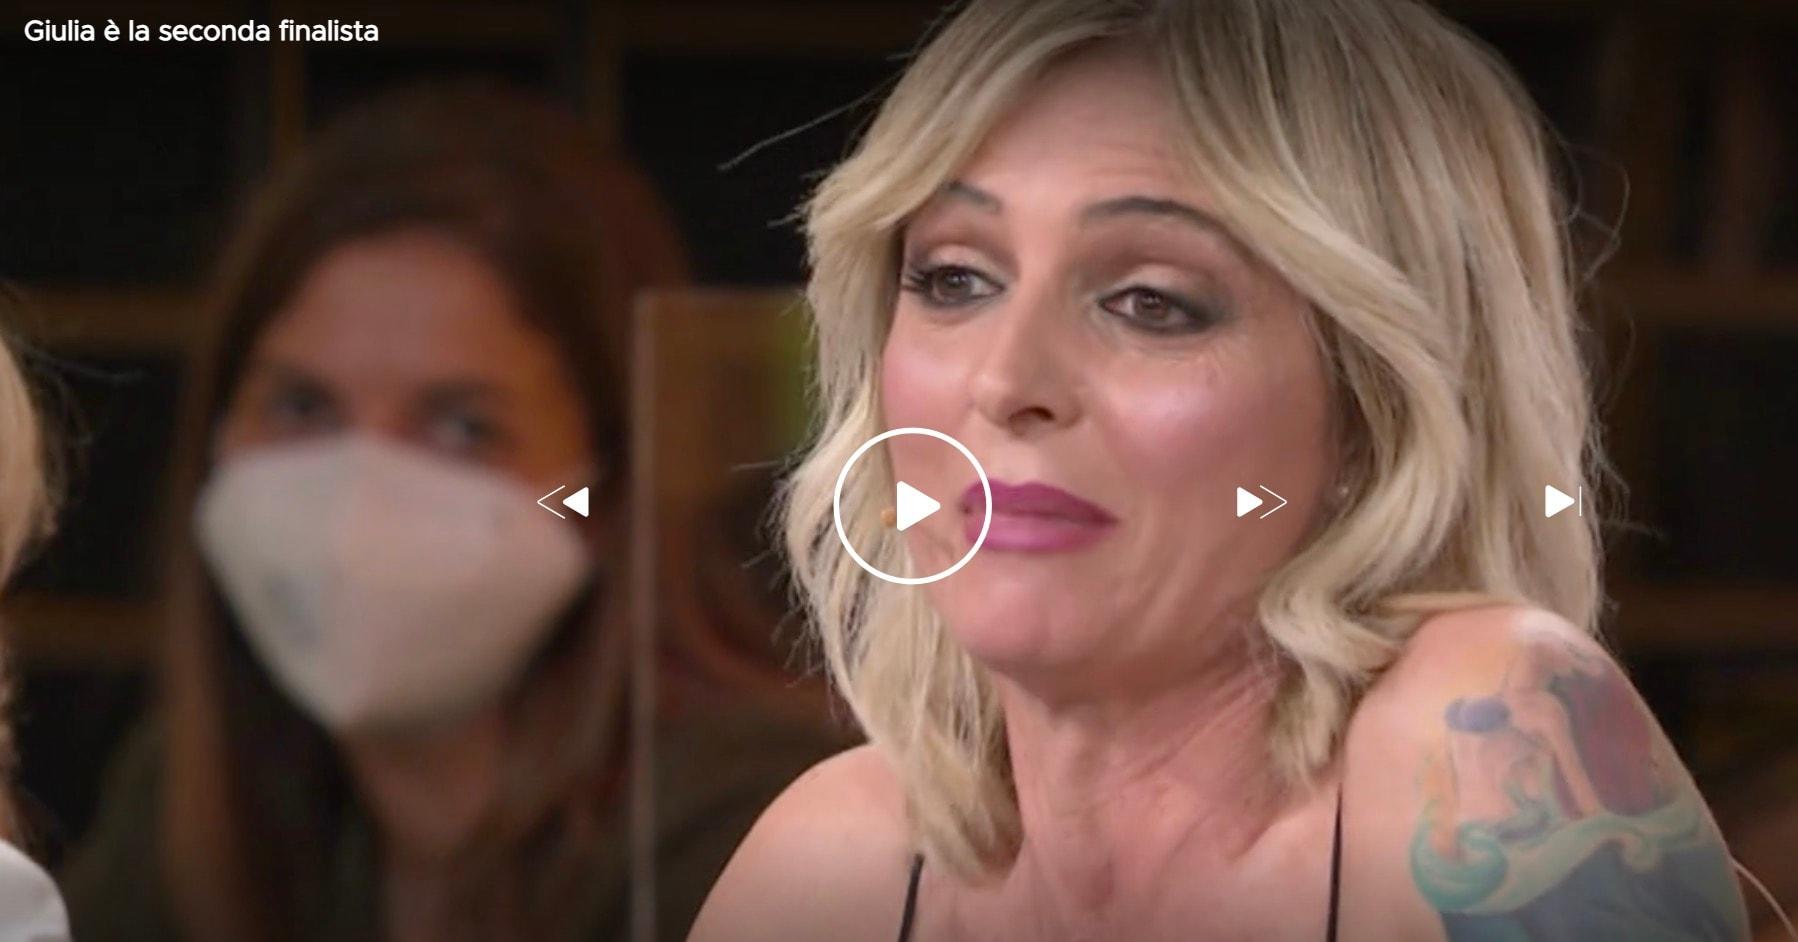 """Veronica Peparini e il retroscena su Giulia Stabile: """"Ha avuto un attacco di panico"""""""